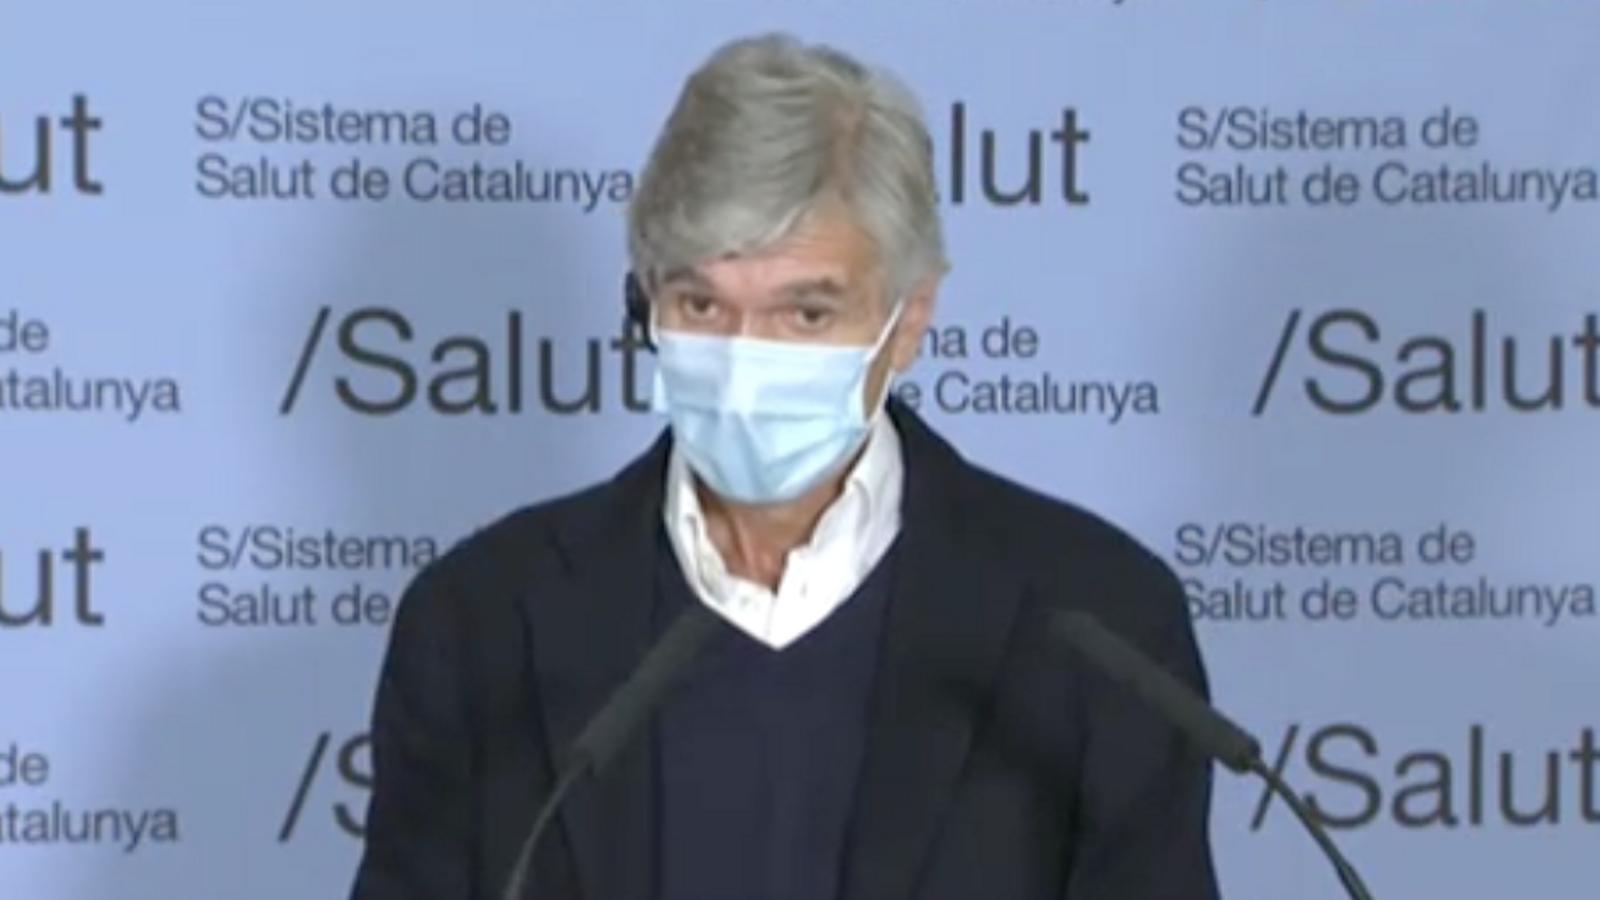 """Josep Maria Argimon: """"El dia 23 s'obriran totes les activitats a l'aire lliure siguin quins siguin els nostres indicadors"""""""